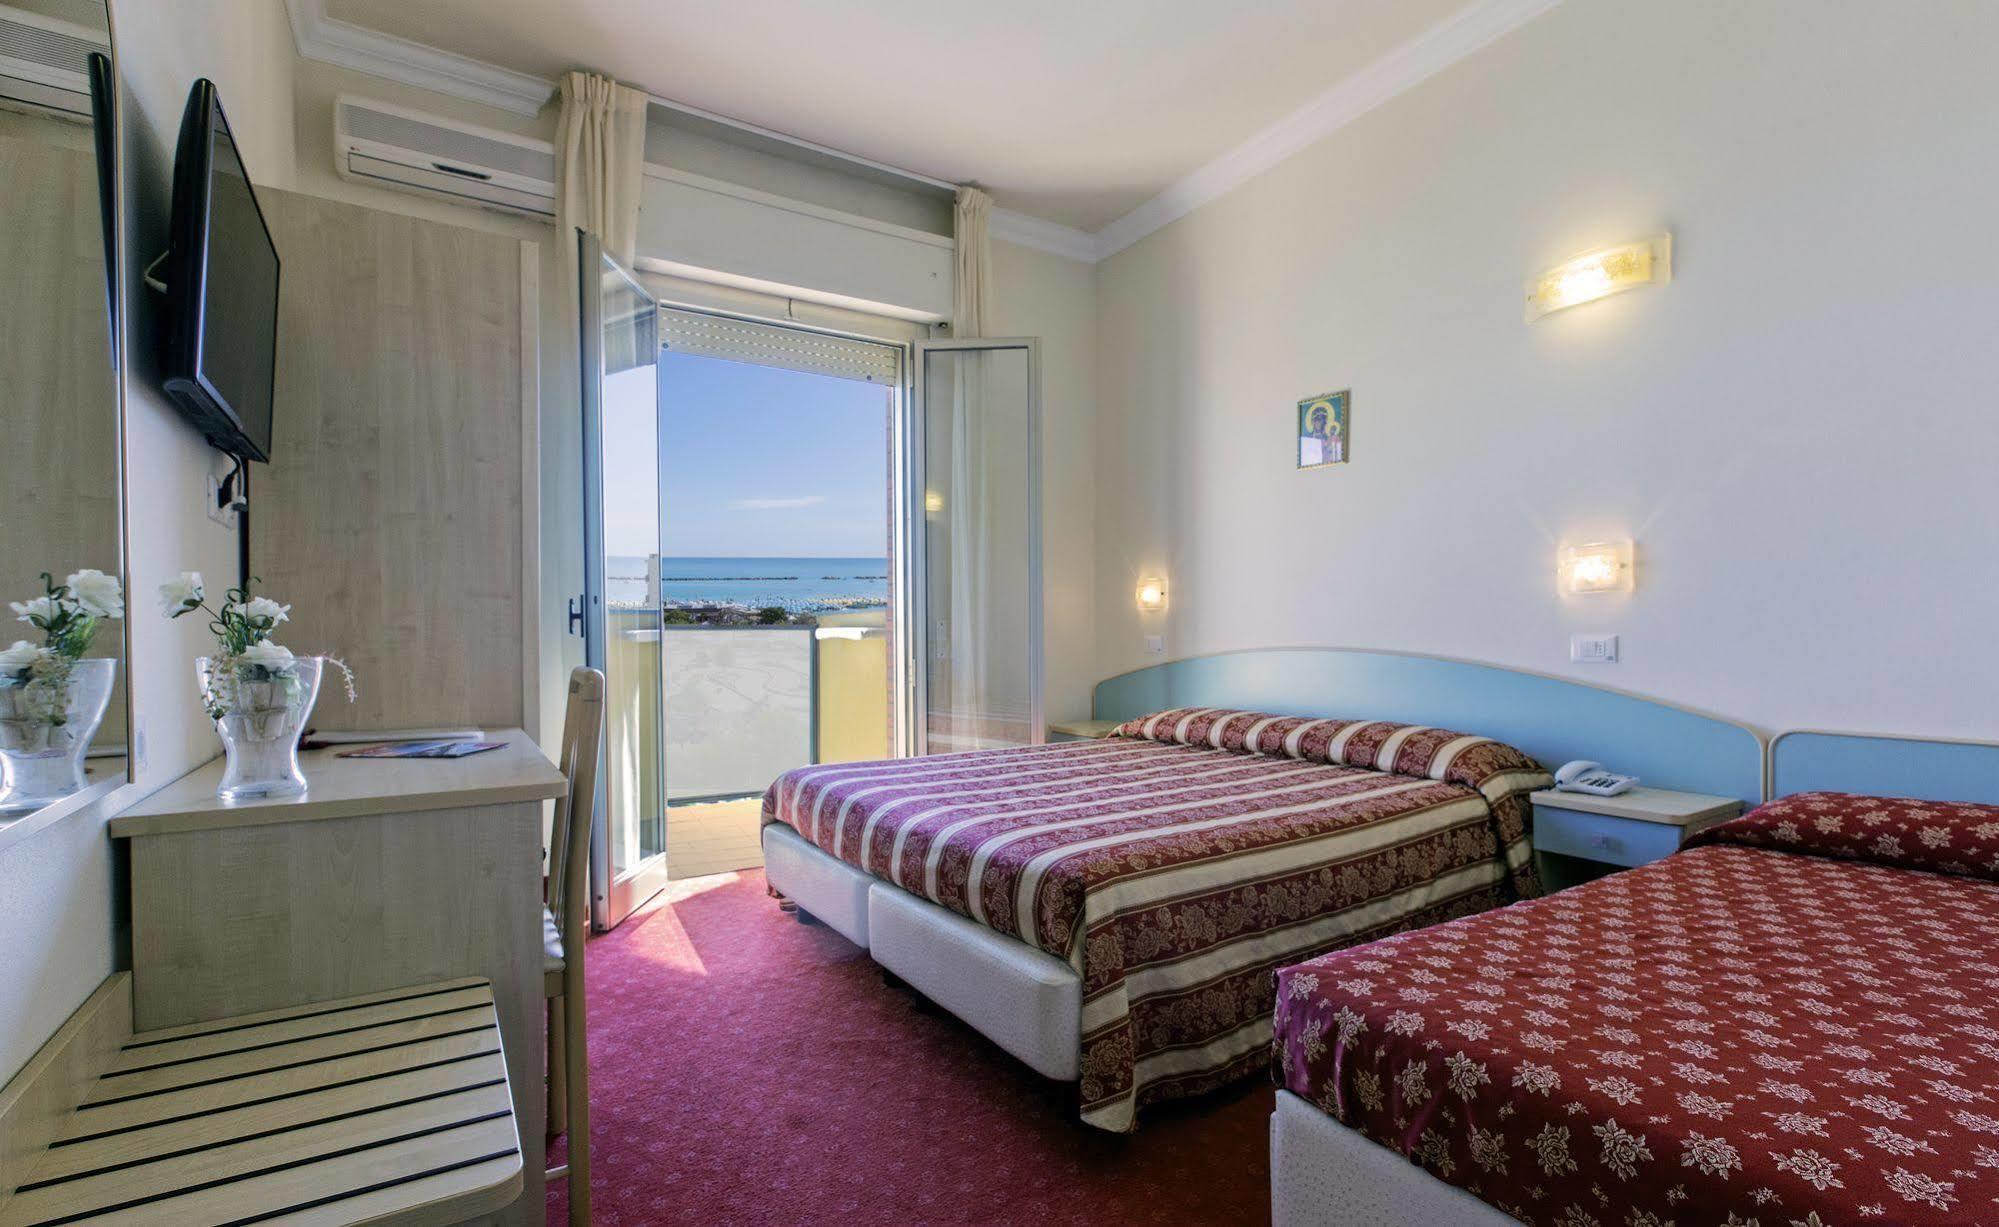 Hotel silver cesenatico cesenatico italy